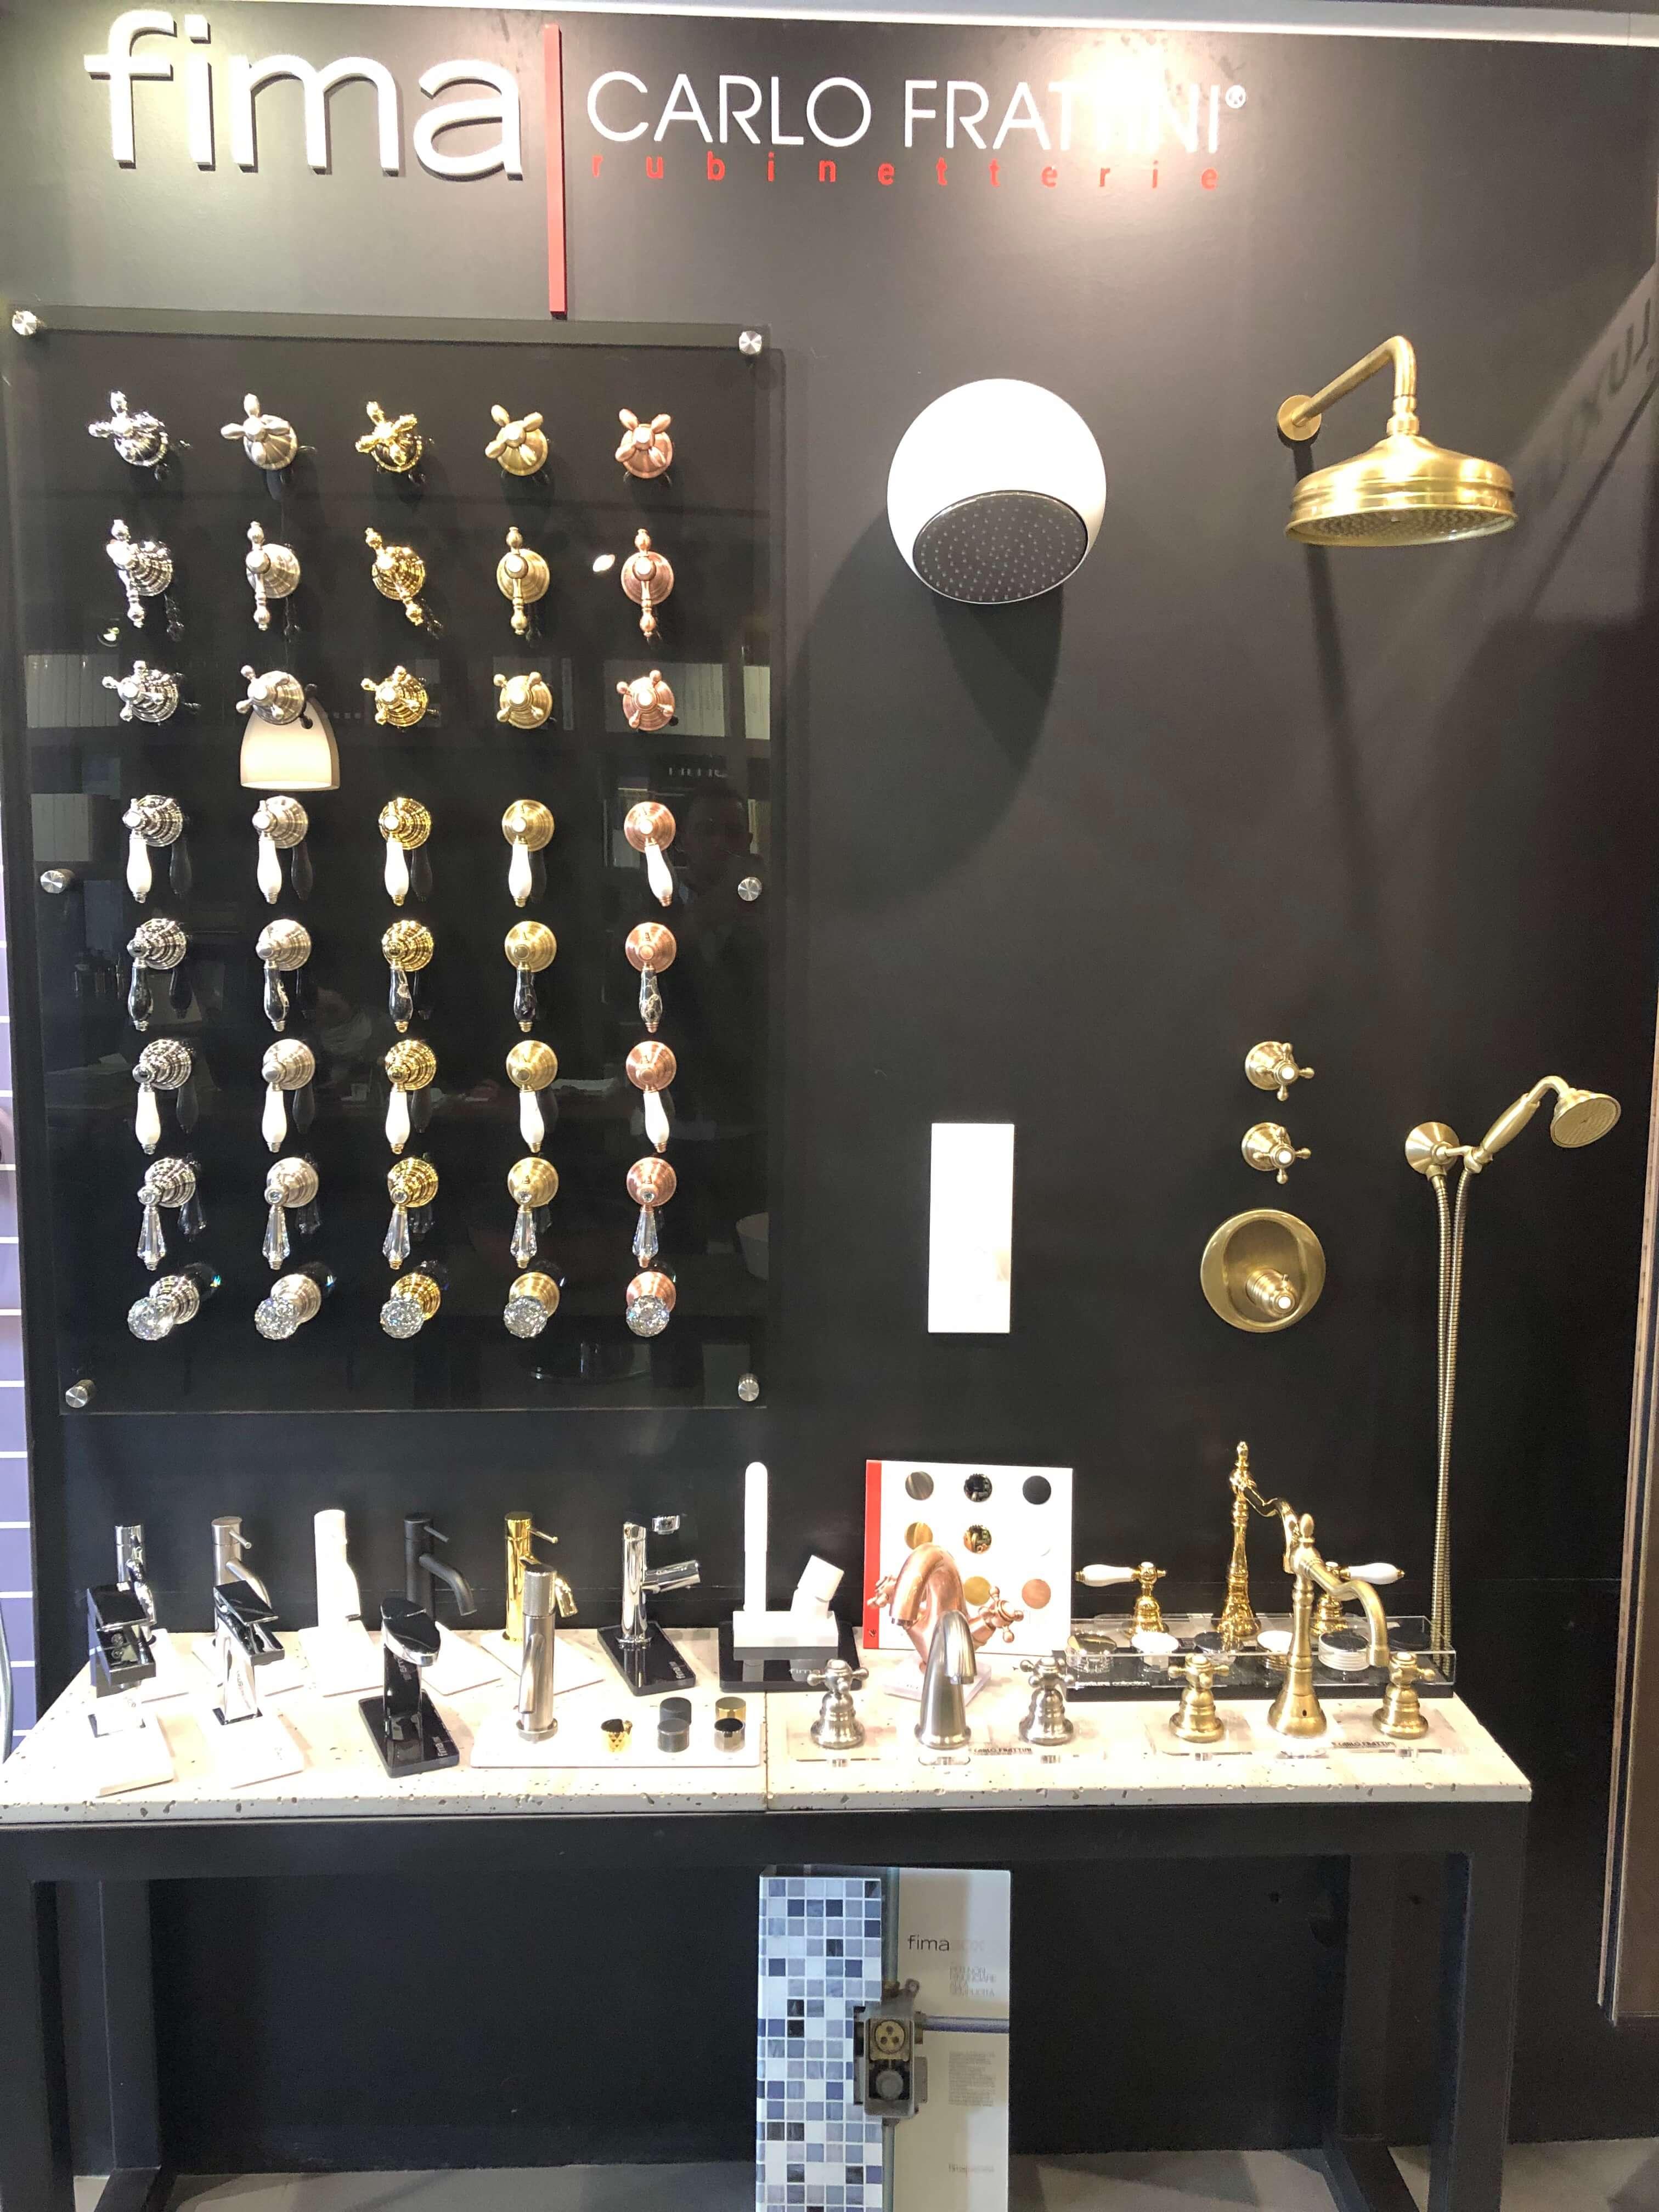 dekomart showroom image 16